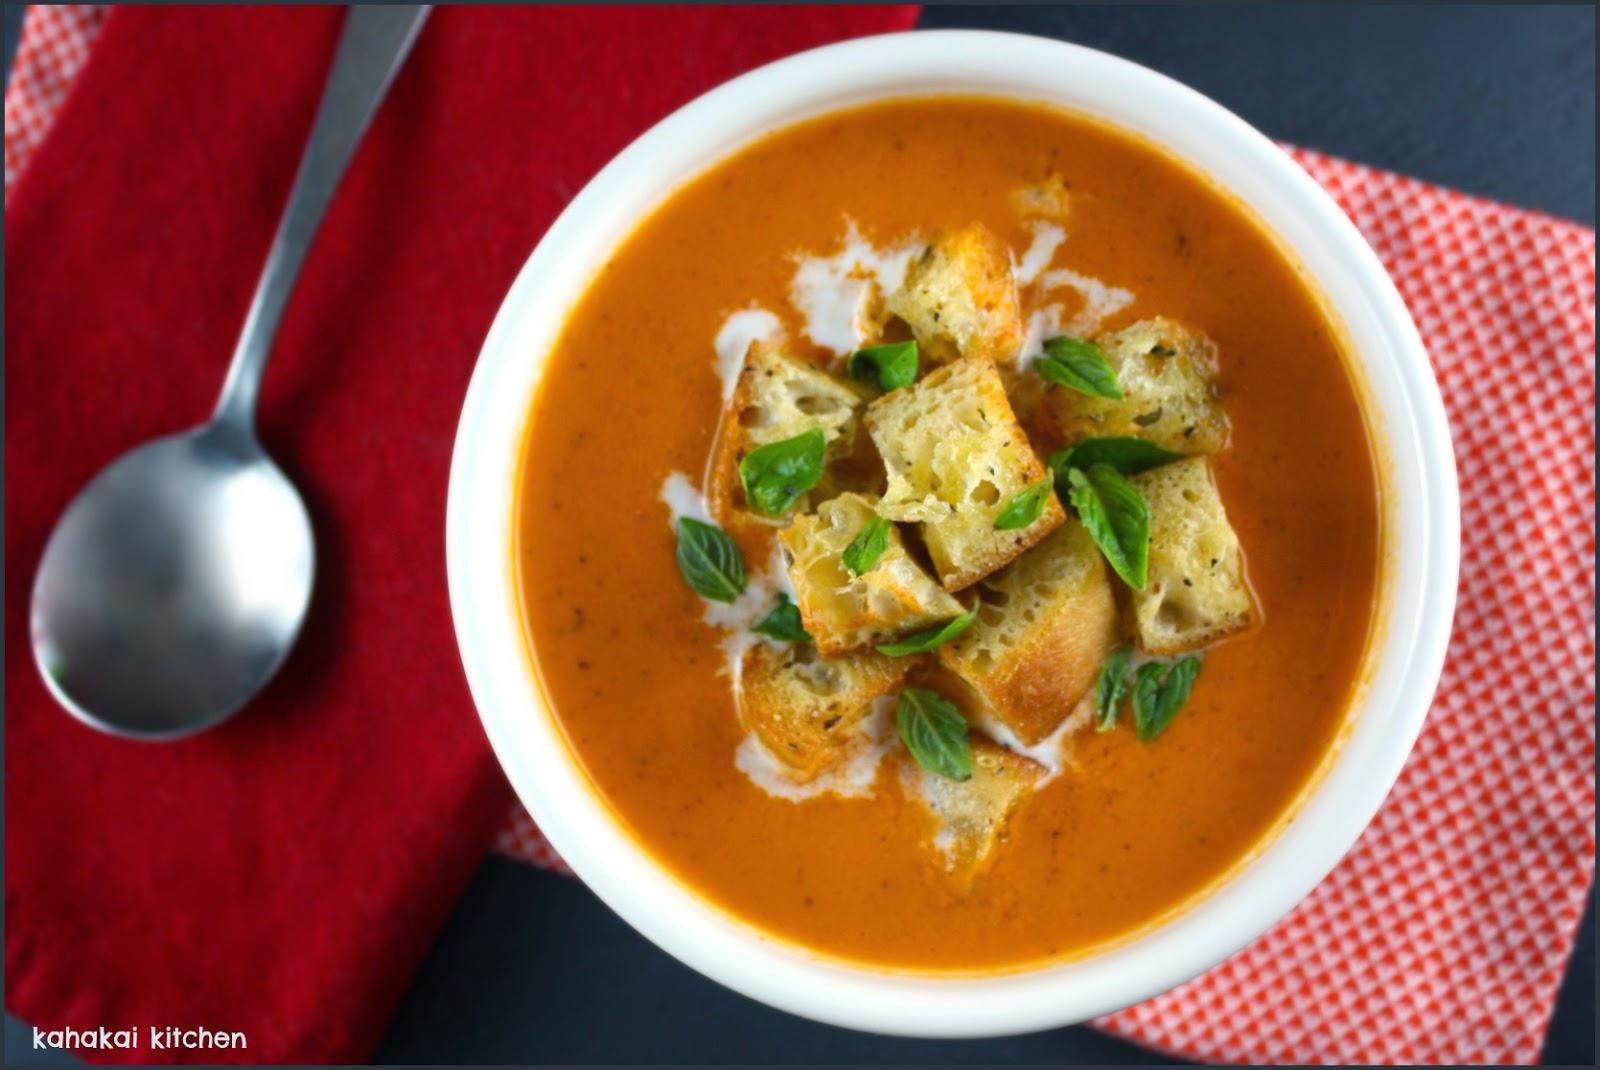 Kahakai Kitchen: Creamy, Spicy Tomato Soup (Zuppa Di Pomodoro Piccante ...